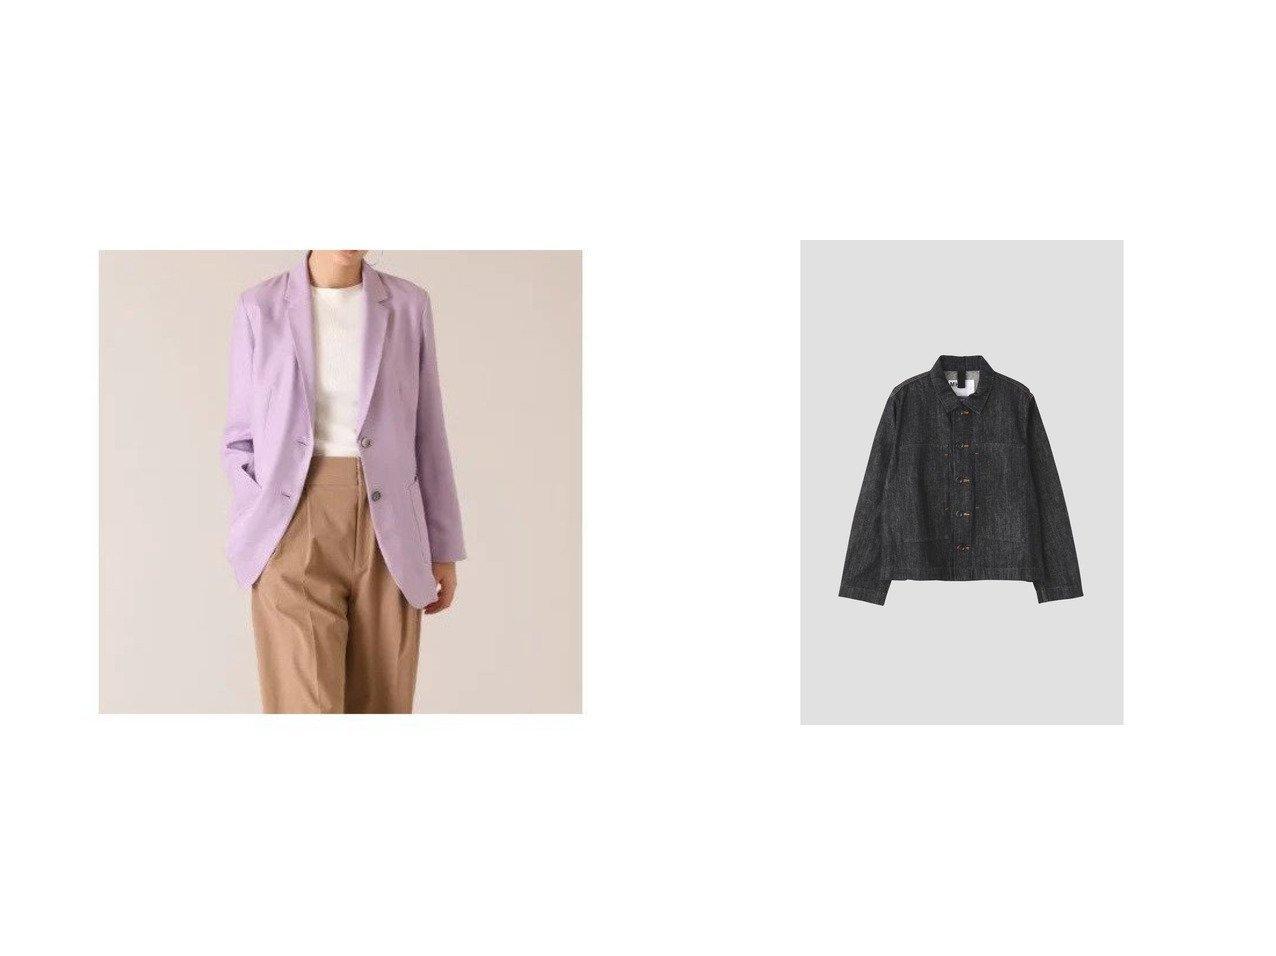 【INED/イネド】のリネンライクロングジャケット《ASAKO》&【MHL/エムエイチエル】のCANTON LIGHT DENIM 【アウター】おすすめ!人気、トレンド・レディースファッションの通販    レディースファッション・服の通販 founy(ファニー)